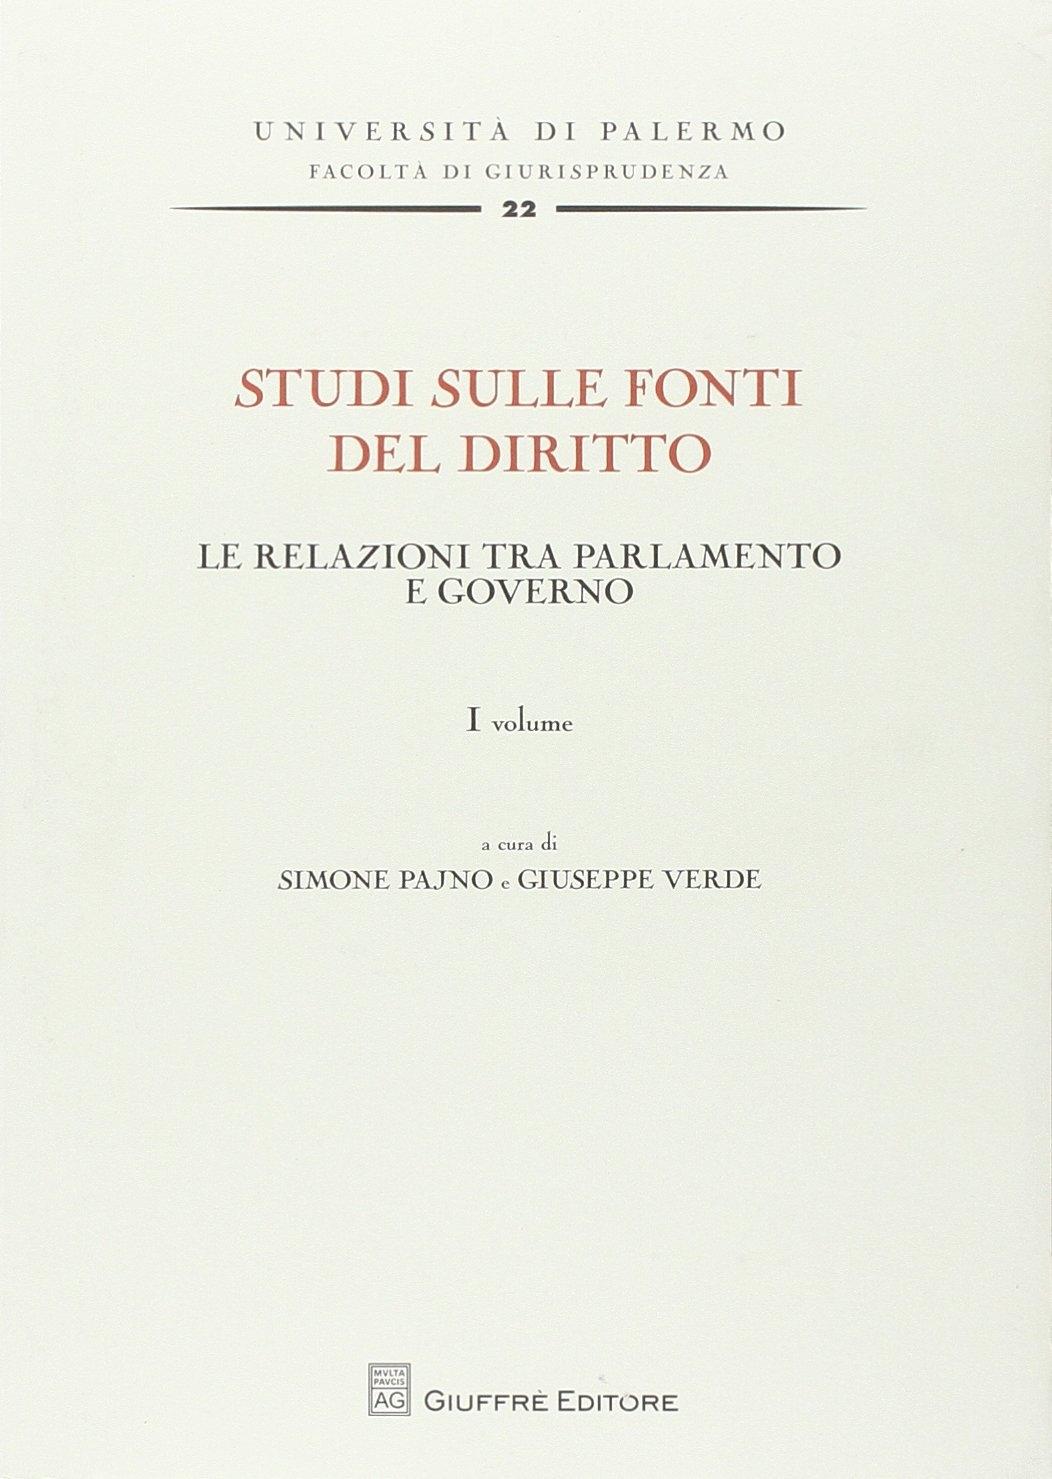 Studi sulle fonti del diritto. Vol. 1: Le relazioni tra parlamento e governo